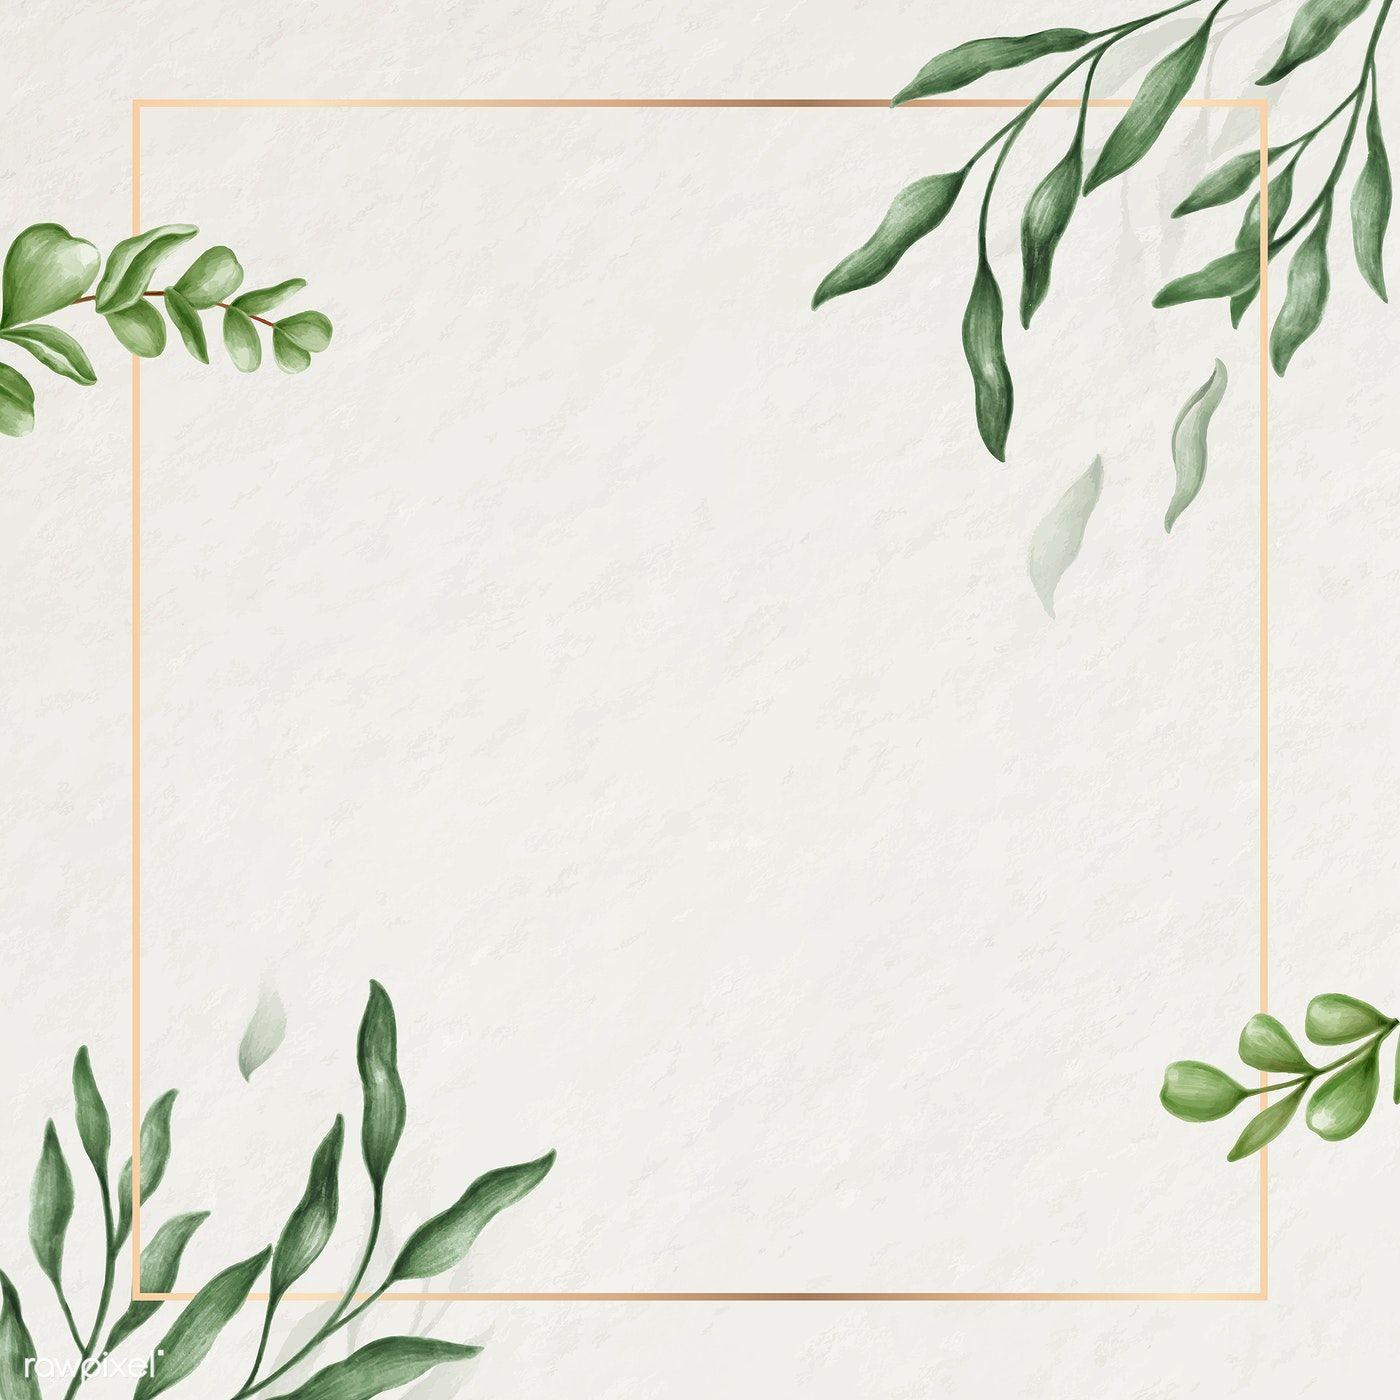 Download Premium Vector Of Green Leaves Frame Vector 2032825 Green Leaf Background Leaves Illustration Vector Background Pattern